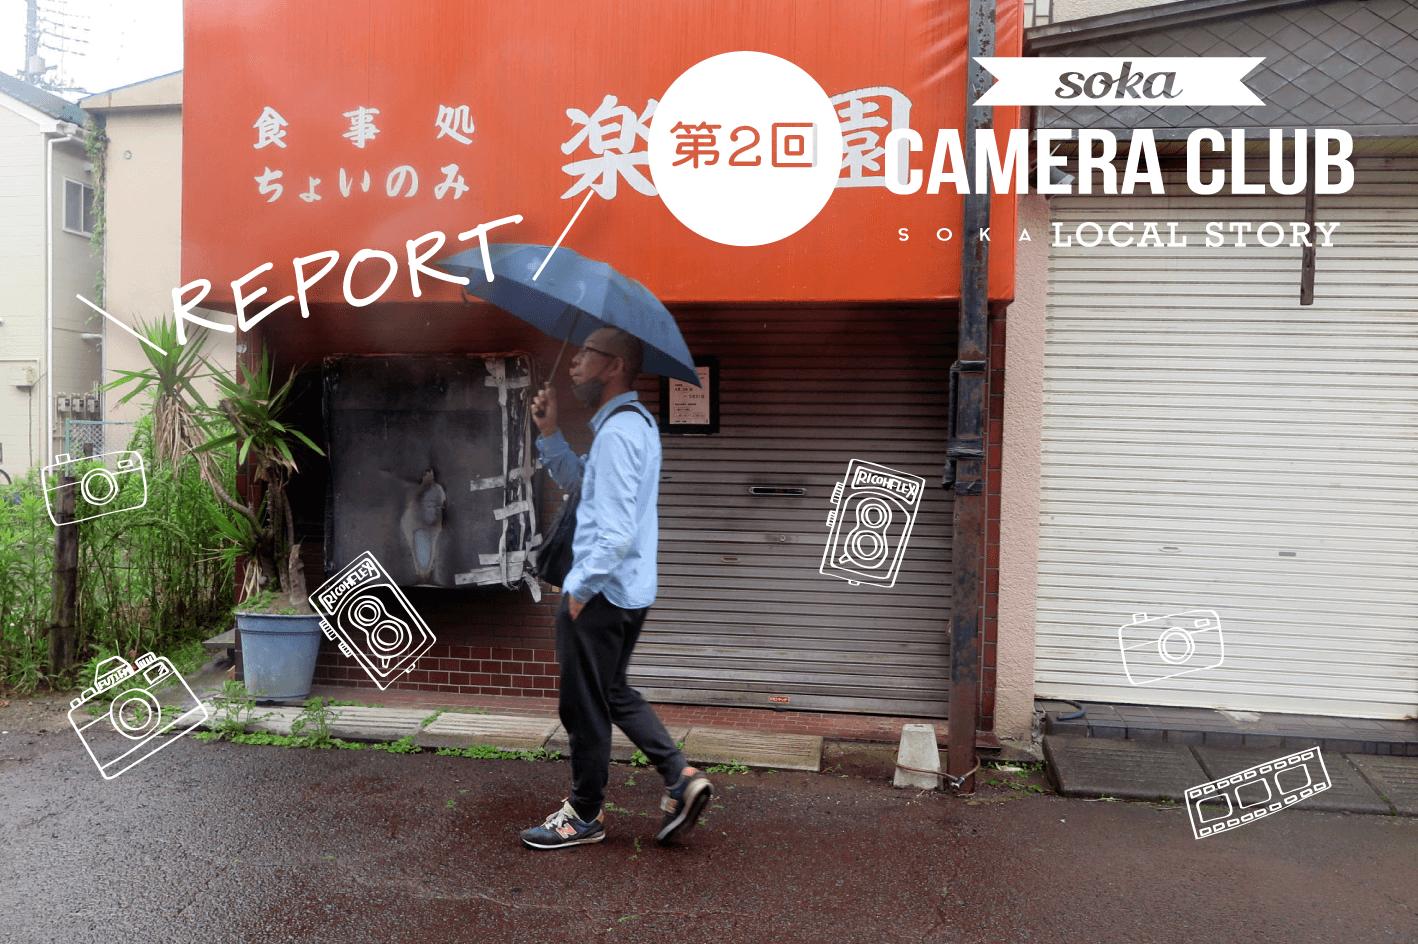 ローカルWEBメディア・地域サイト 草加ローカルストーリー 草加カメラ部 新田レポート トップ写真